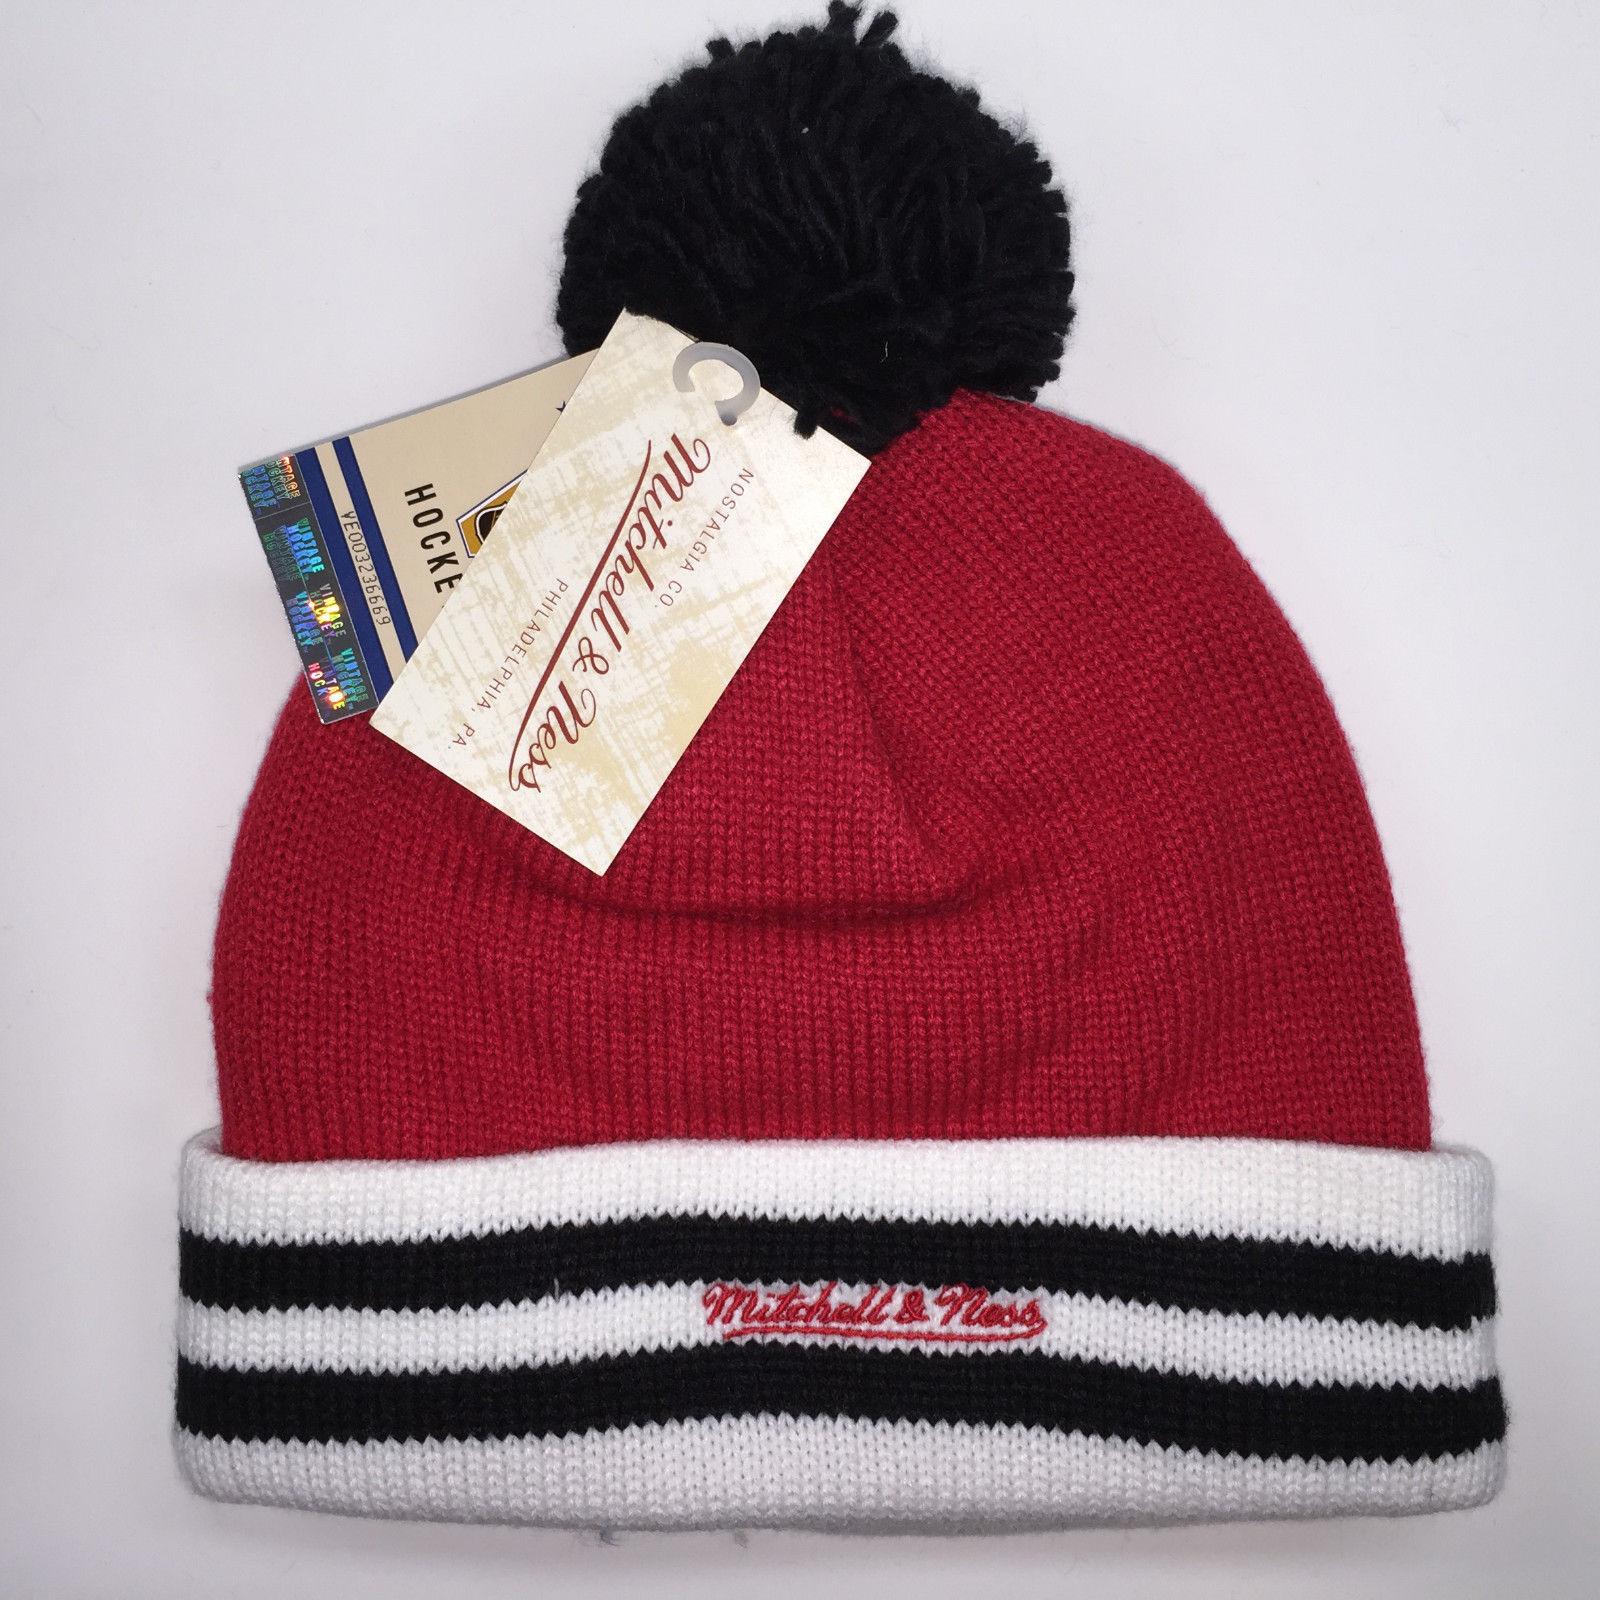 Mitchell & Ness NHL Chicago Blackhawks Cuffed Pom Knit Beanie 6311